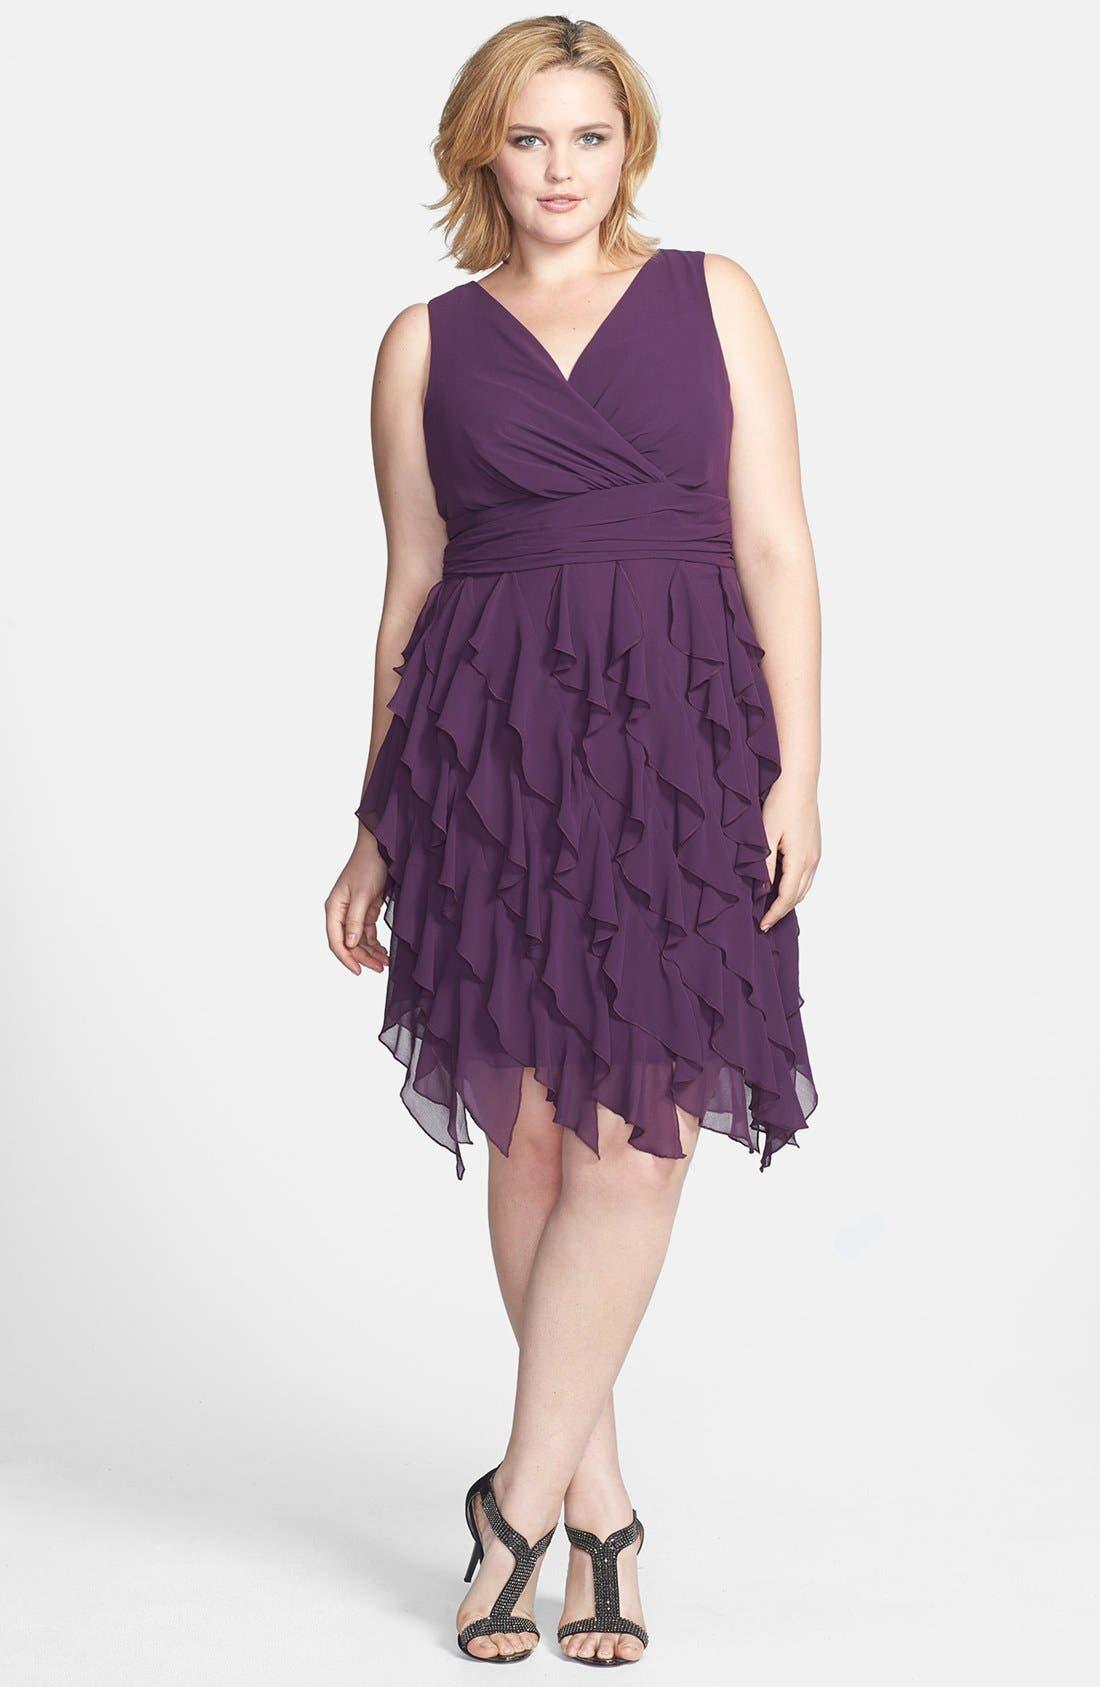 Main Image - Ivy & Blu V-Neck Ruffled Skirt Chiffon Dress (Plus Size)